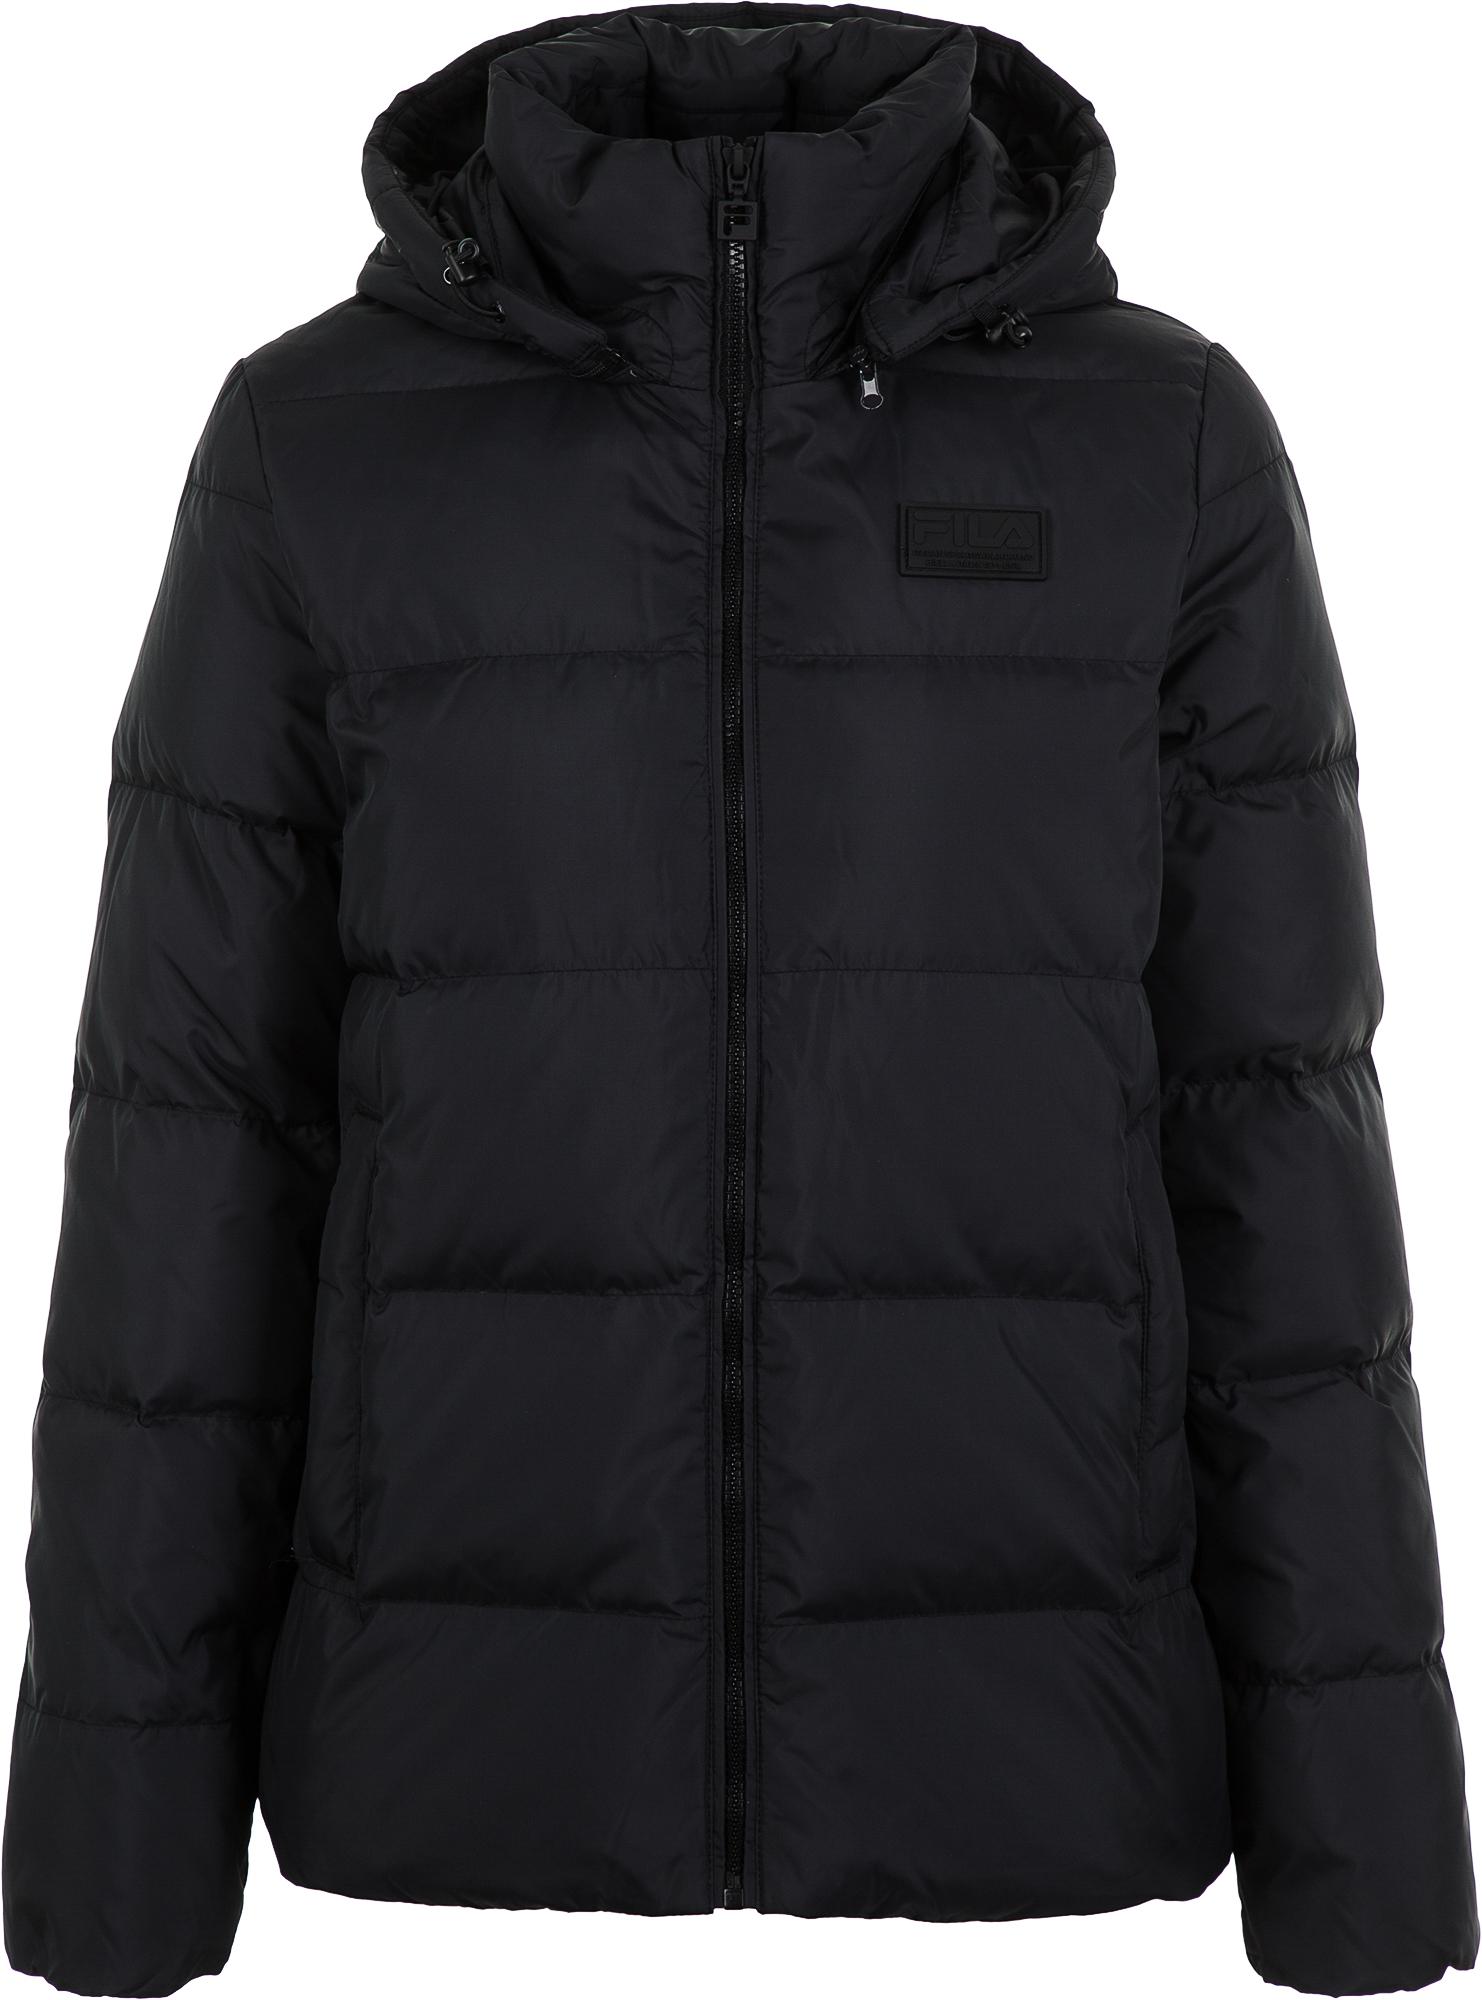 Фото - Fila Куртка пуховая женская Fila, размер 48 куртка женская trussardi цвет темно синий 36s00158 blue night размер l 46 48